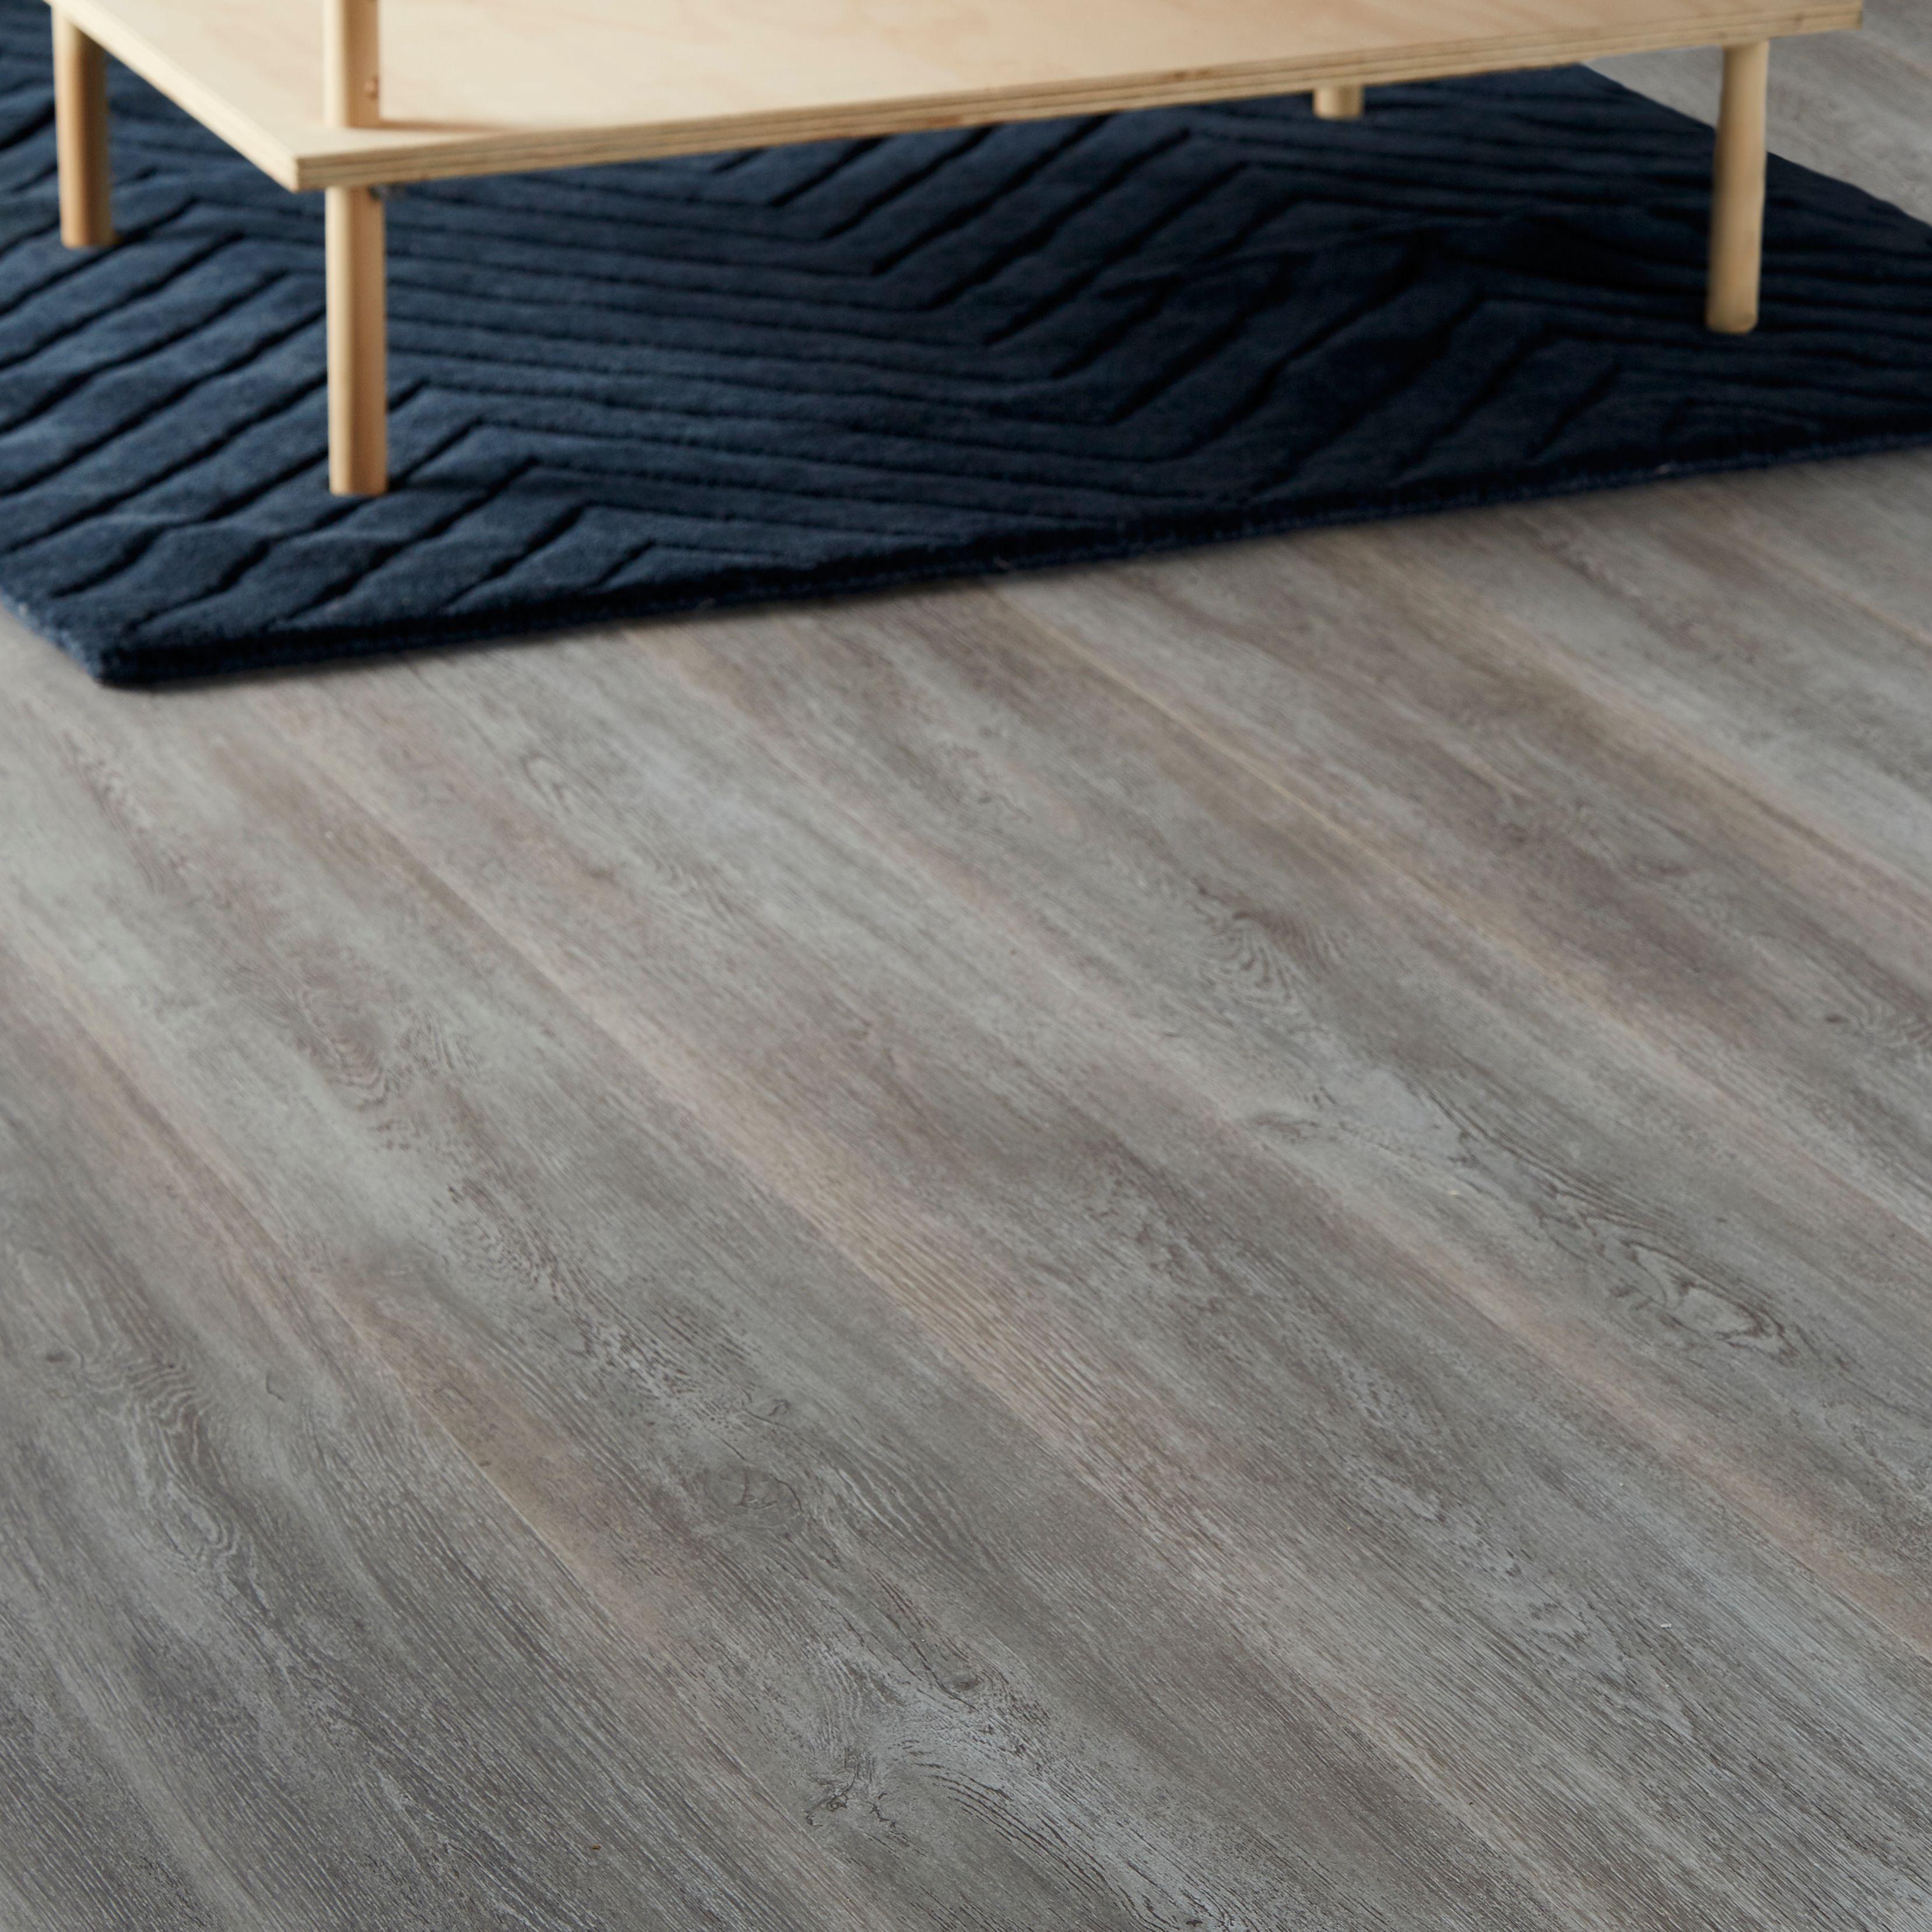 bundaberg grey oak effect laminate flooring m pack. Black Bedroom Furniture Sets. Home Design Ideas